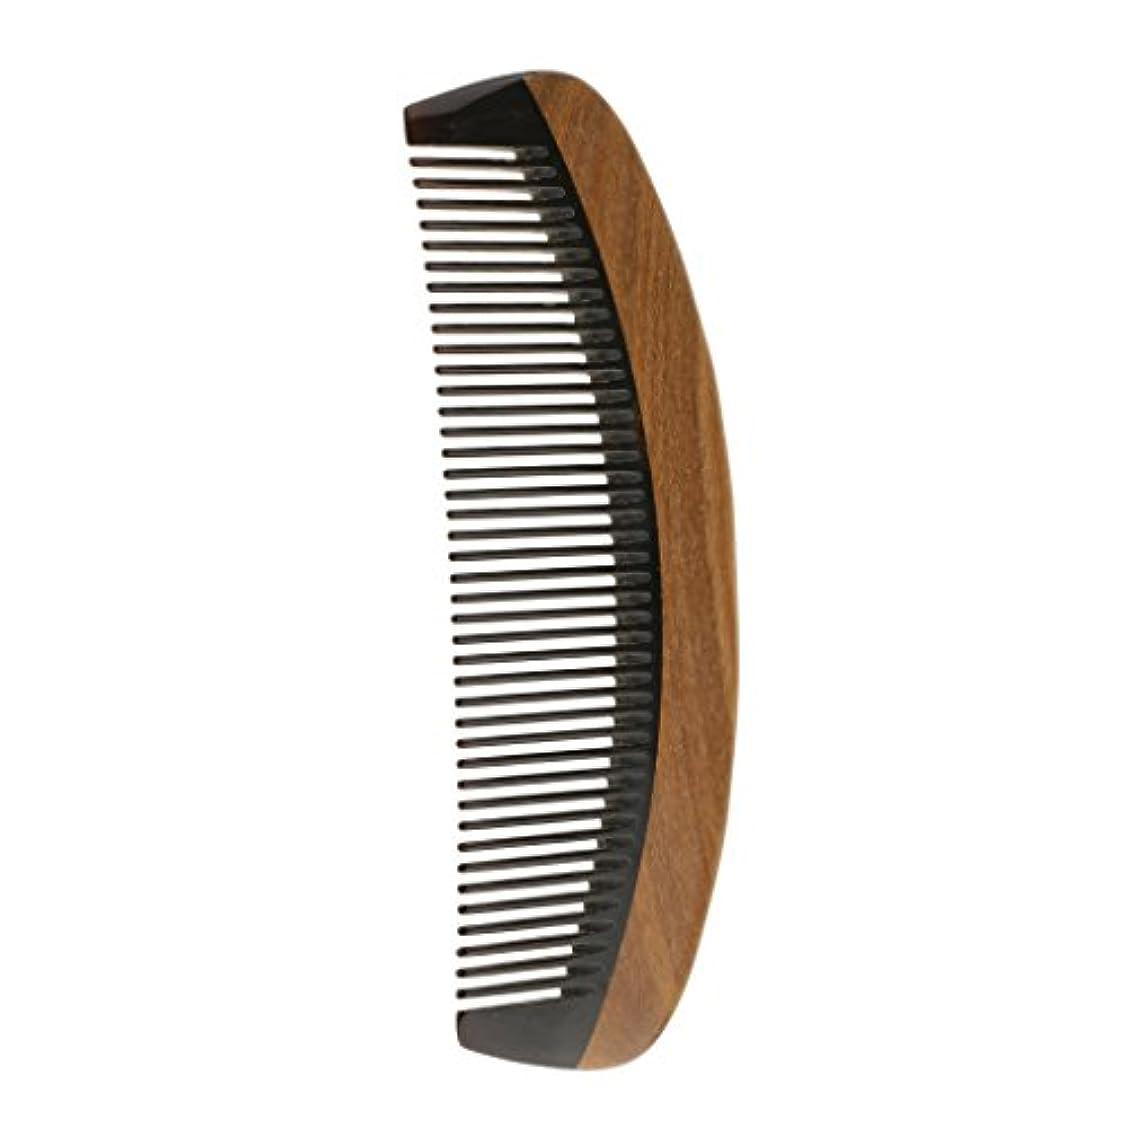 フレキシブル交じるメダルToygogo 帯電防止の白檀の香りの自然な毛のDetanglerの櫛の頭部のマッサージのブラシ